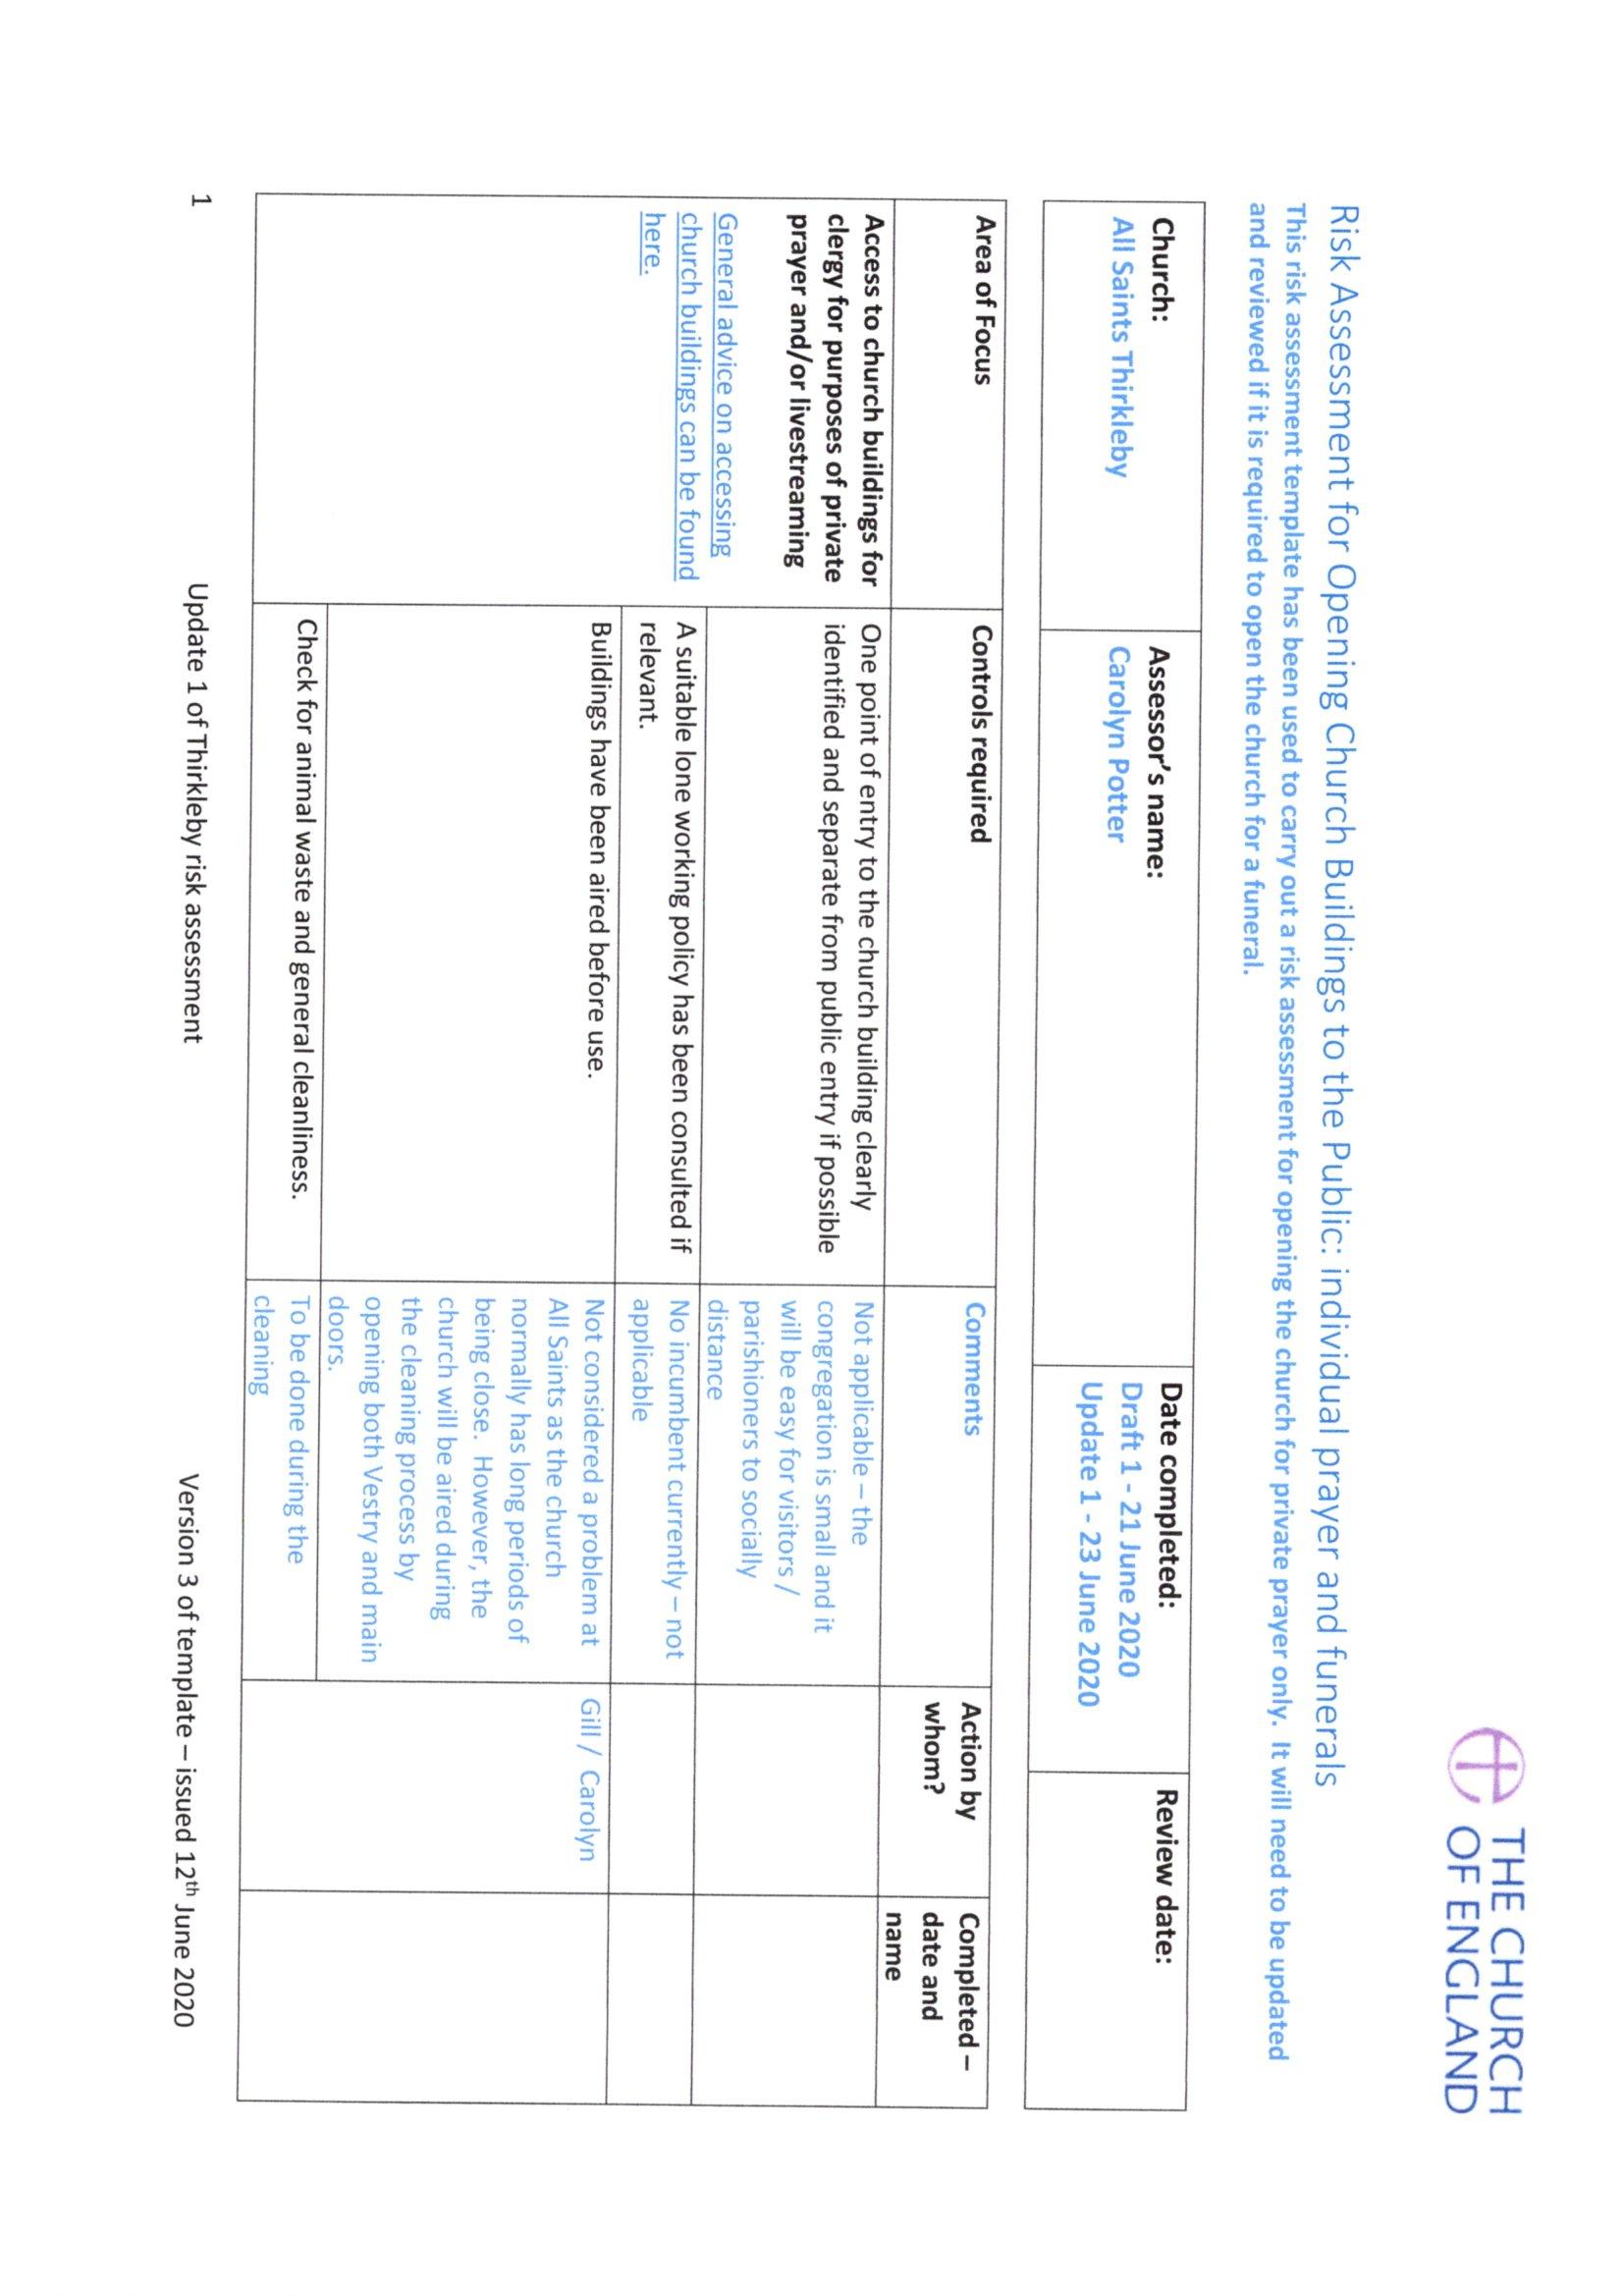 RA page 1